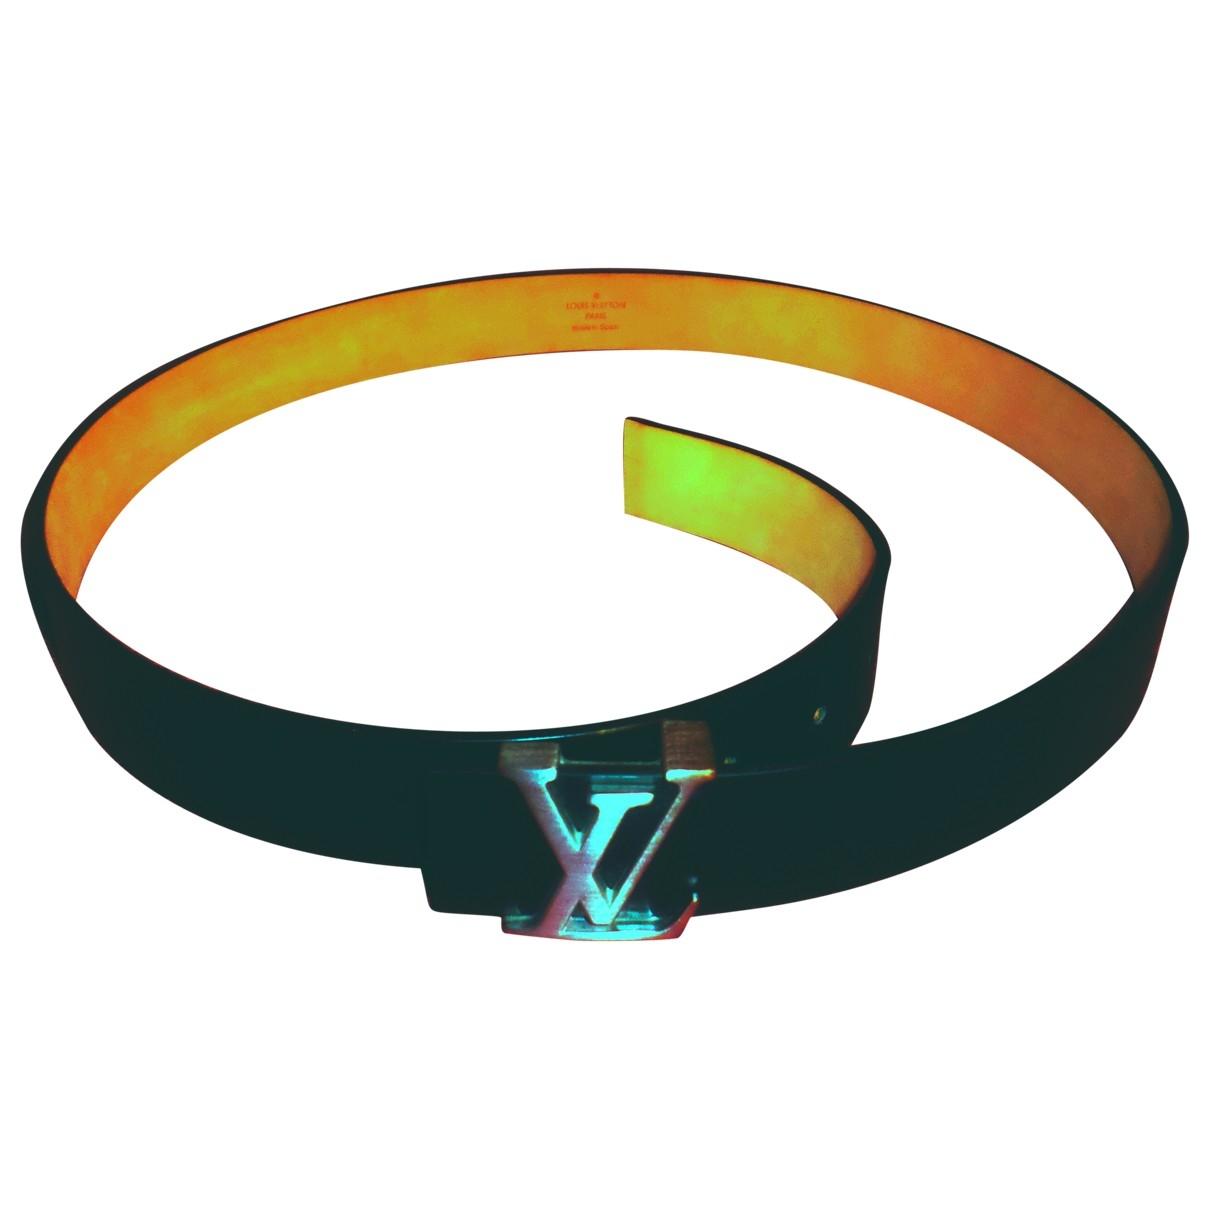 Louis Vuitton Shape Black Leather belt for Men 100 cm